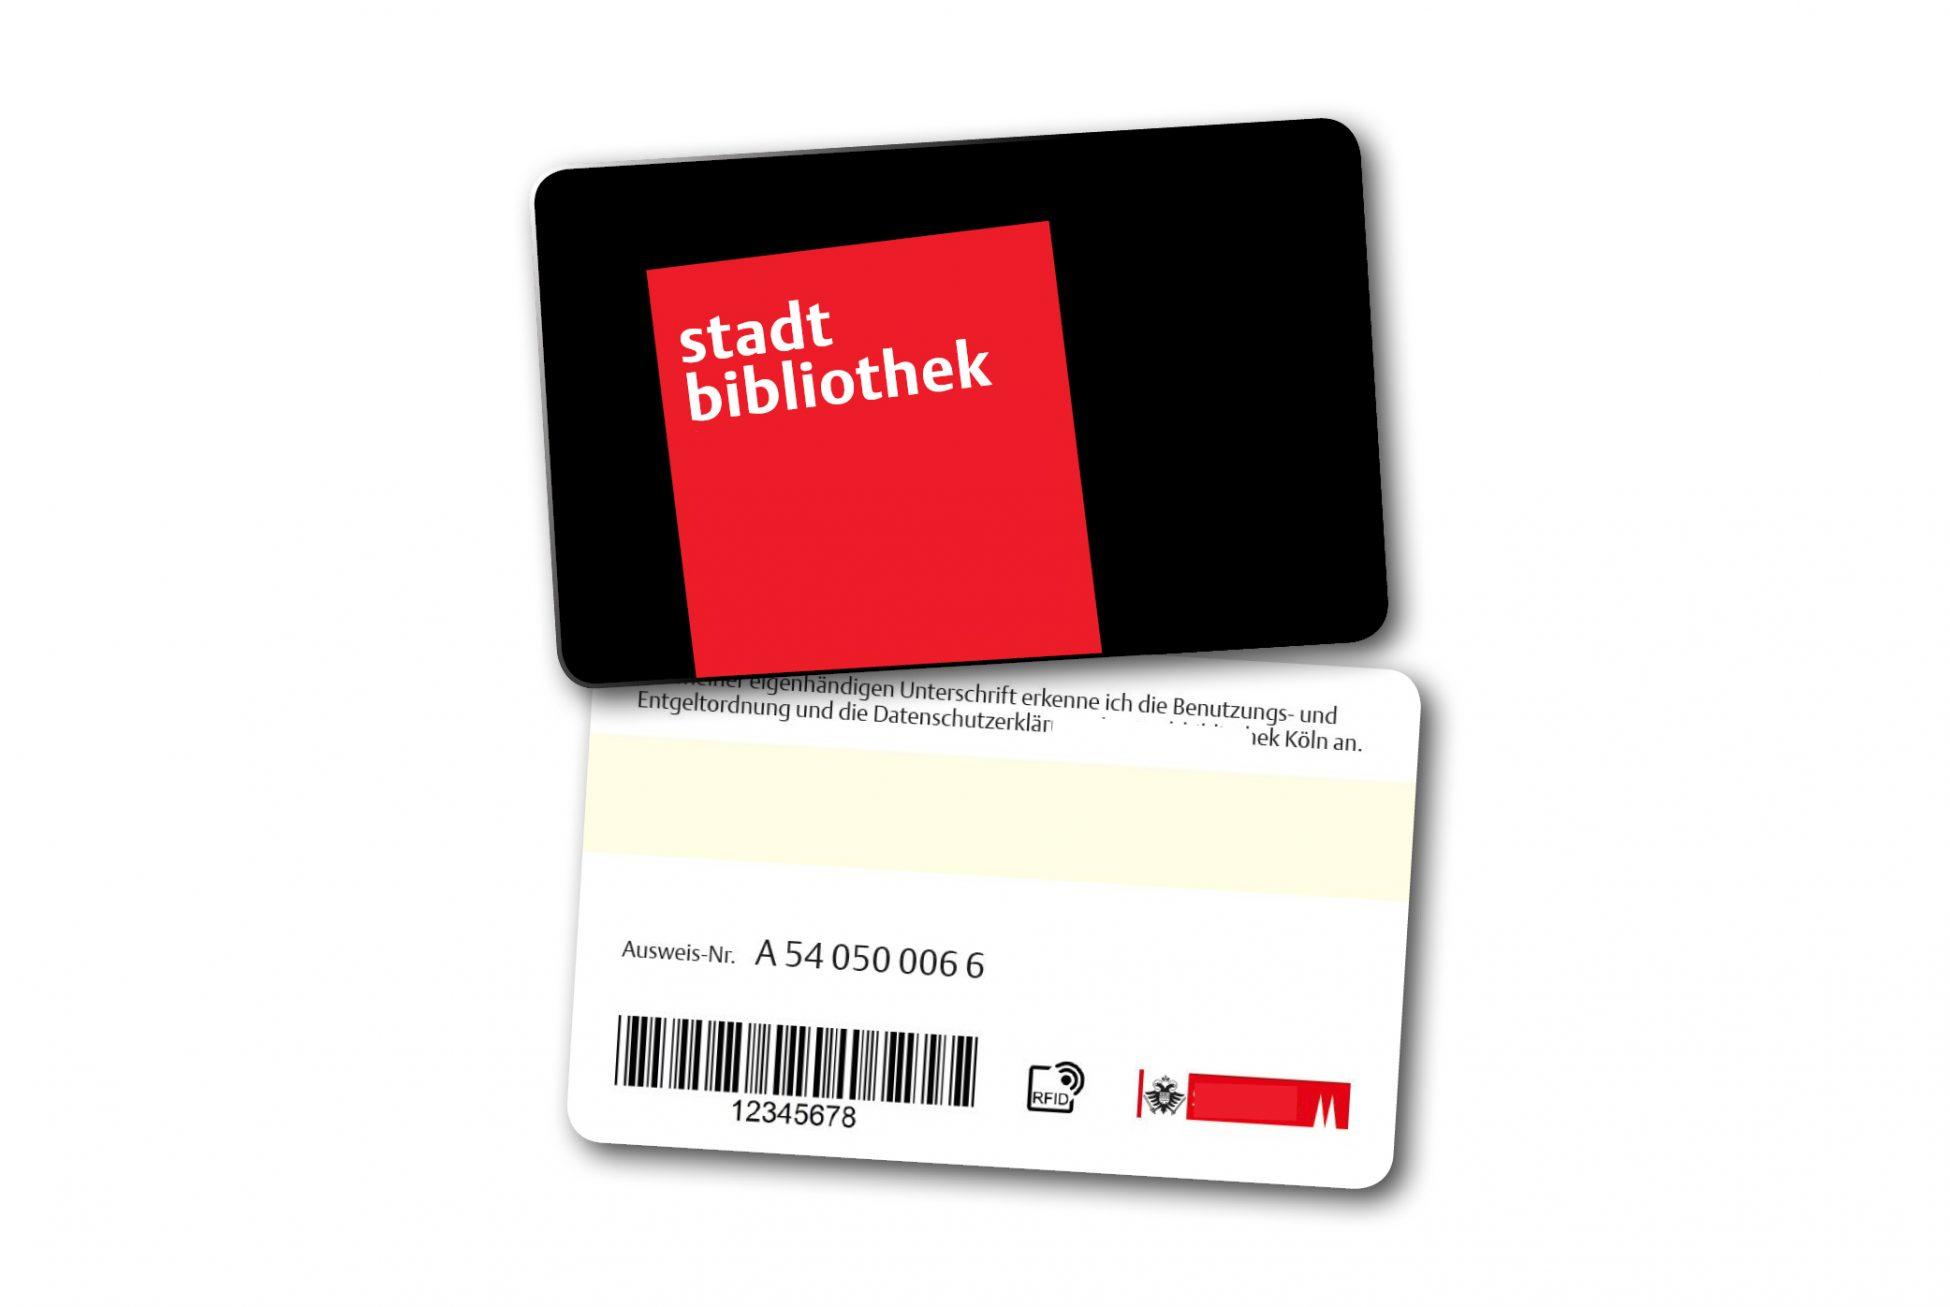 RFID-Karten mit Barcodefür Bibliotheken